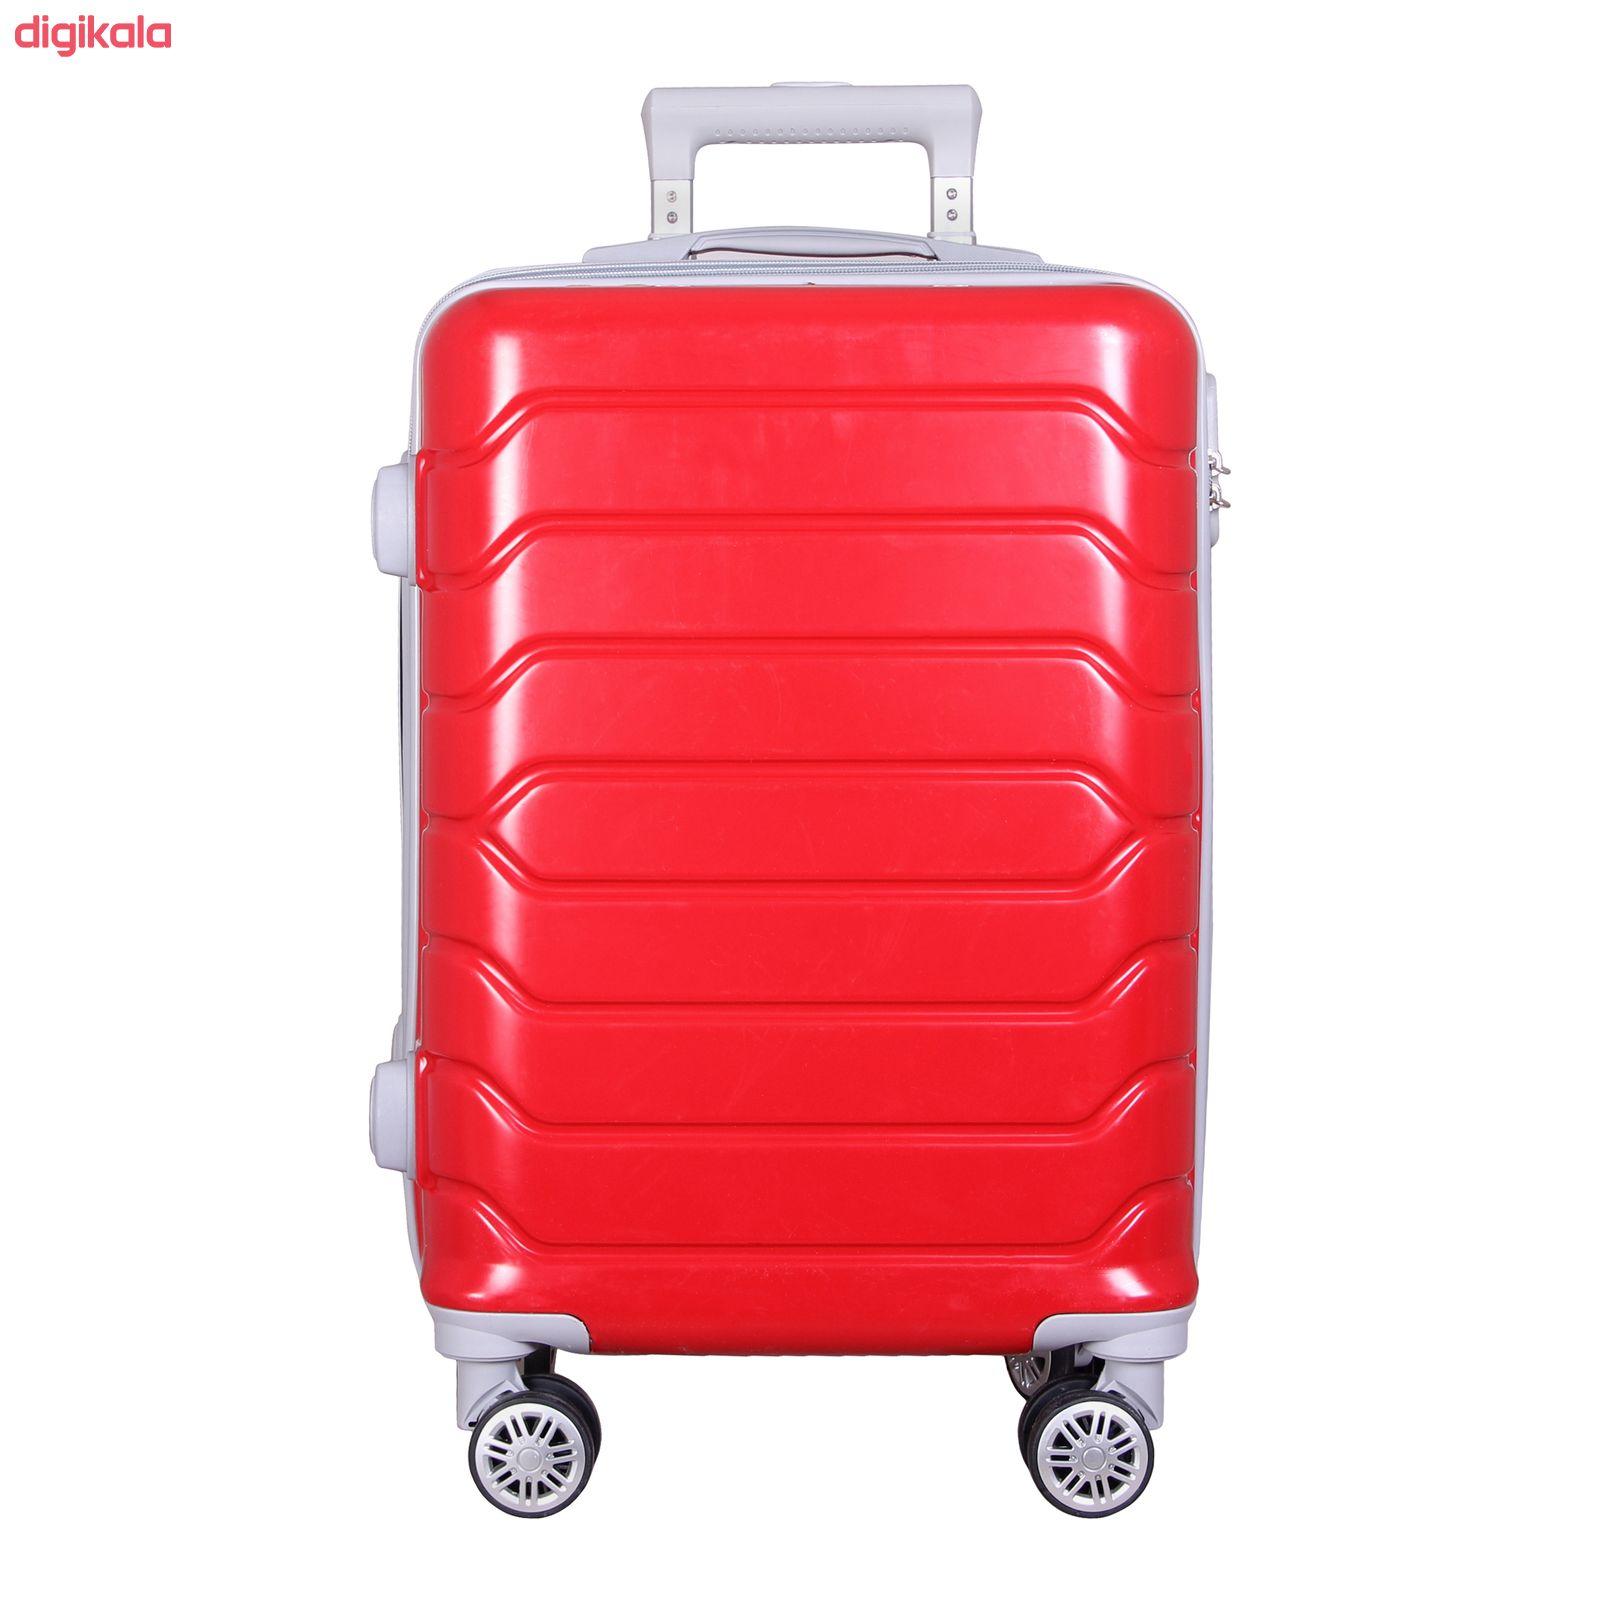 مجموعه سه عددی چمدان مدل 10021 main 1 19